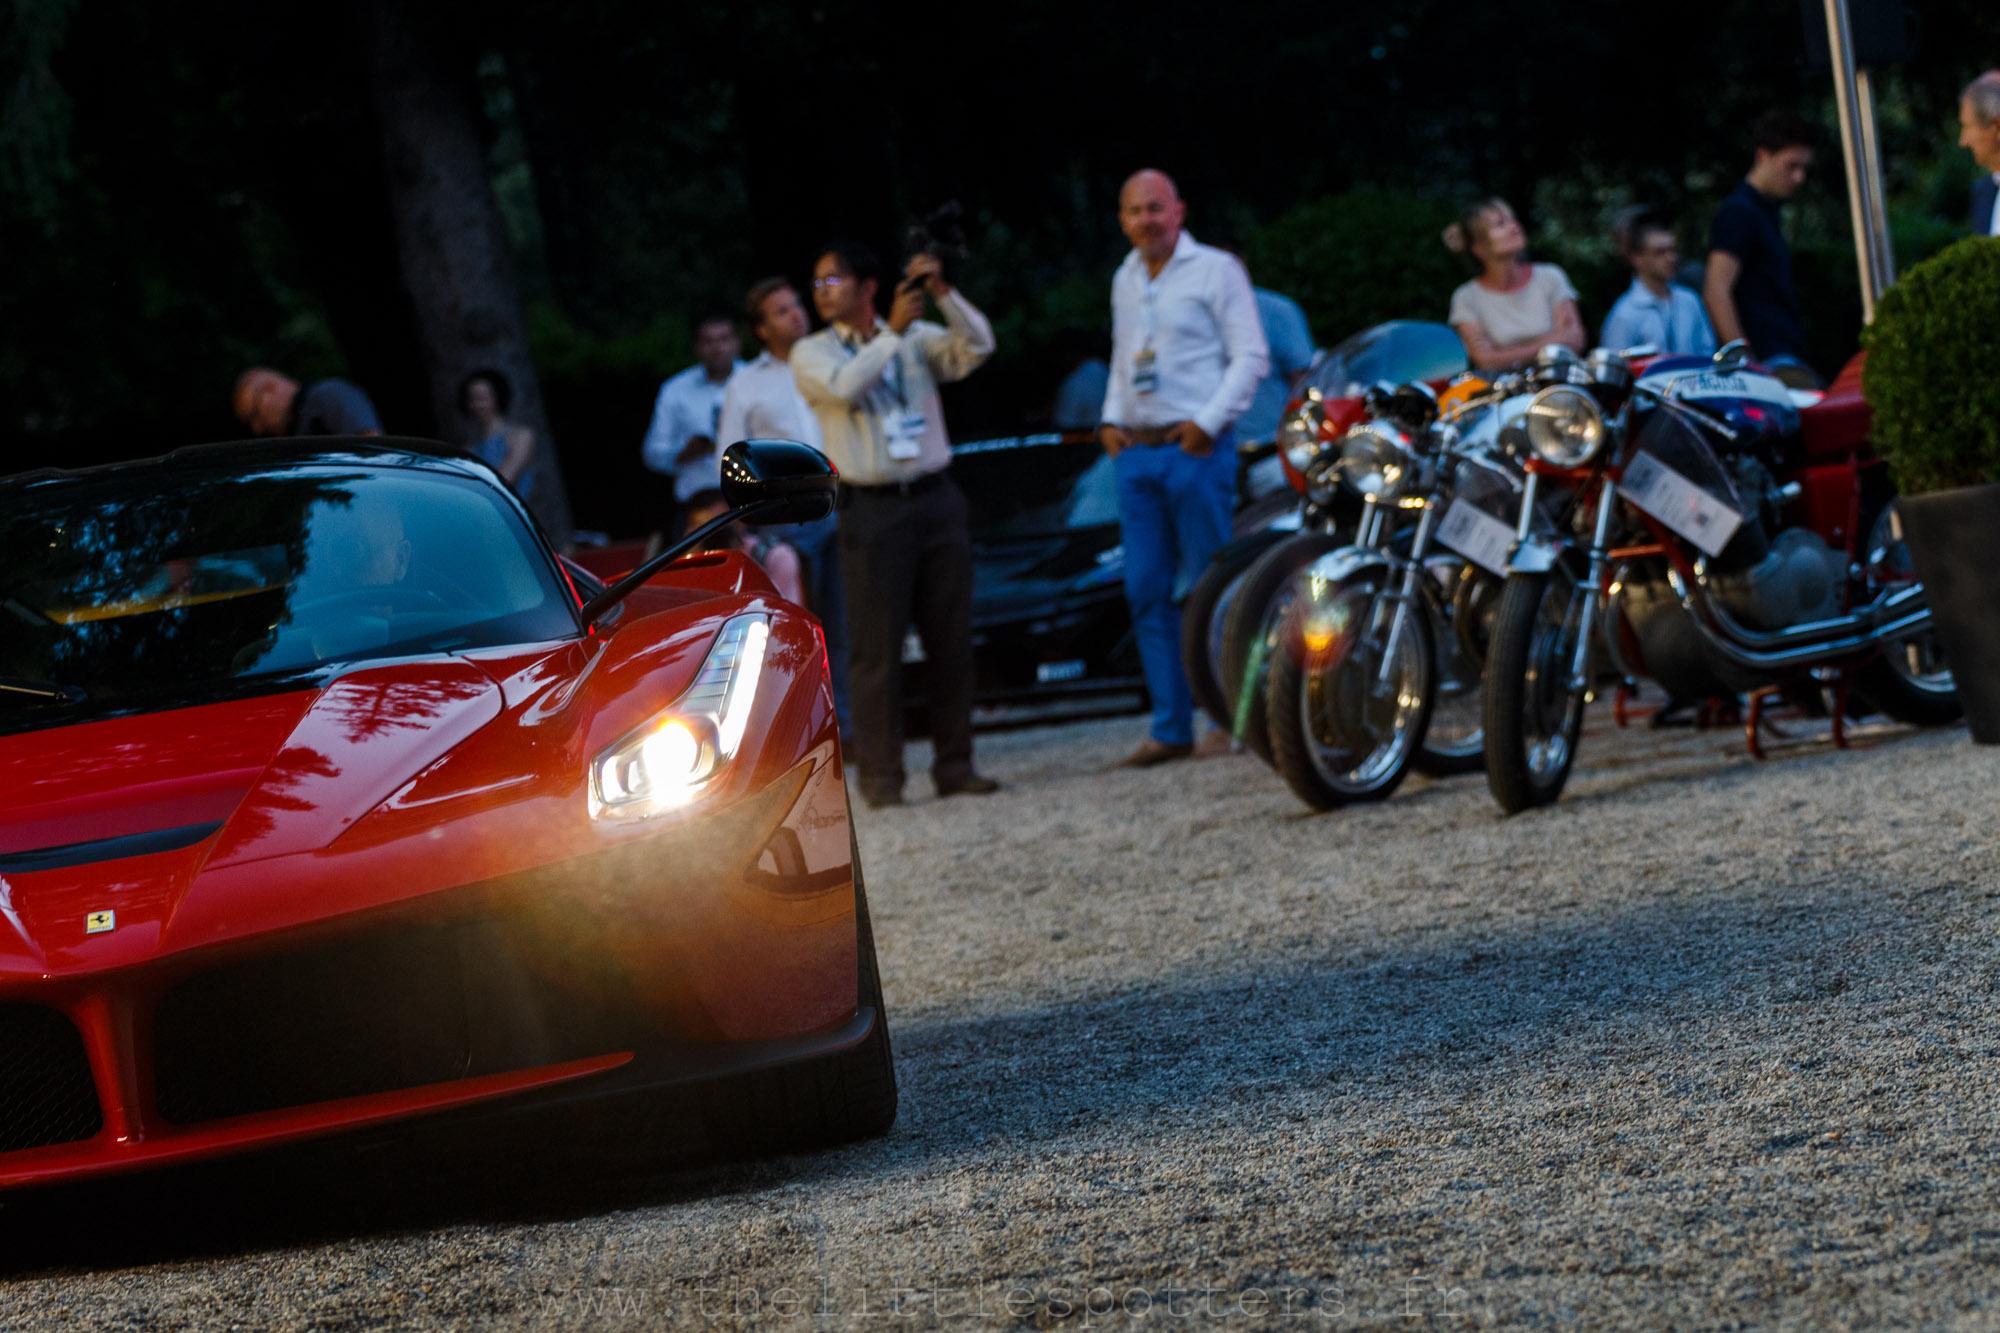 Ferrari LaFerrari, estimée entre 2 750 000 et 3 200 000 euros, invendue : ce n'est pas étonnant.